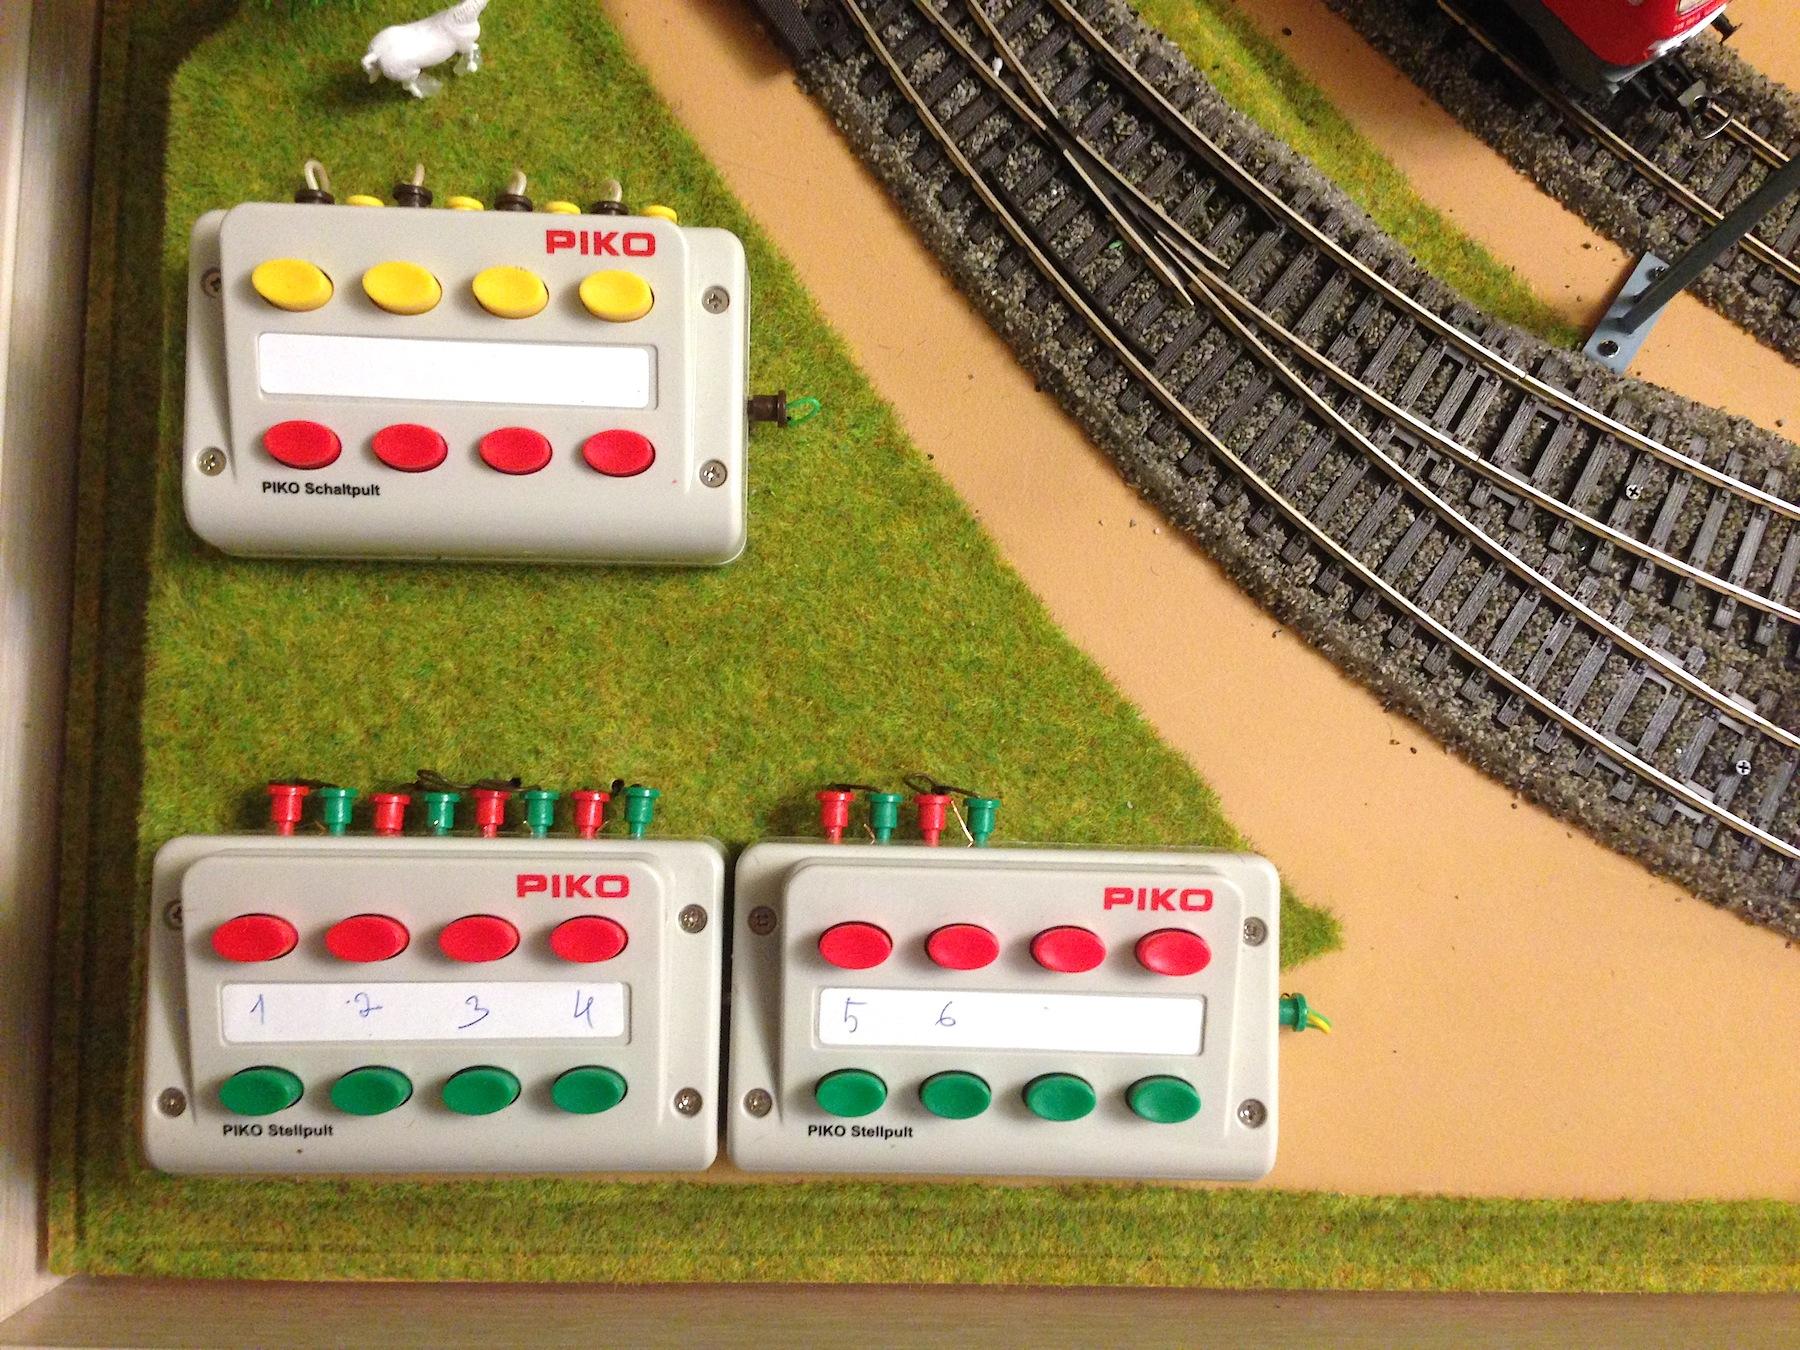 Макет железная дорога piko своими руками